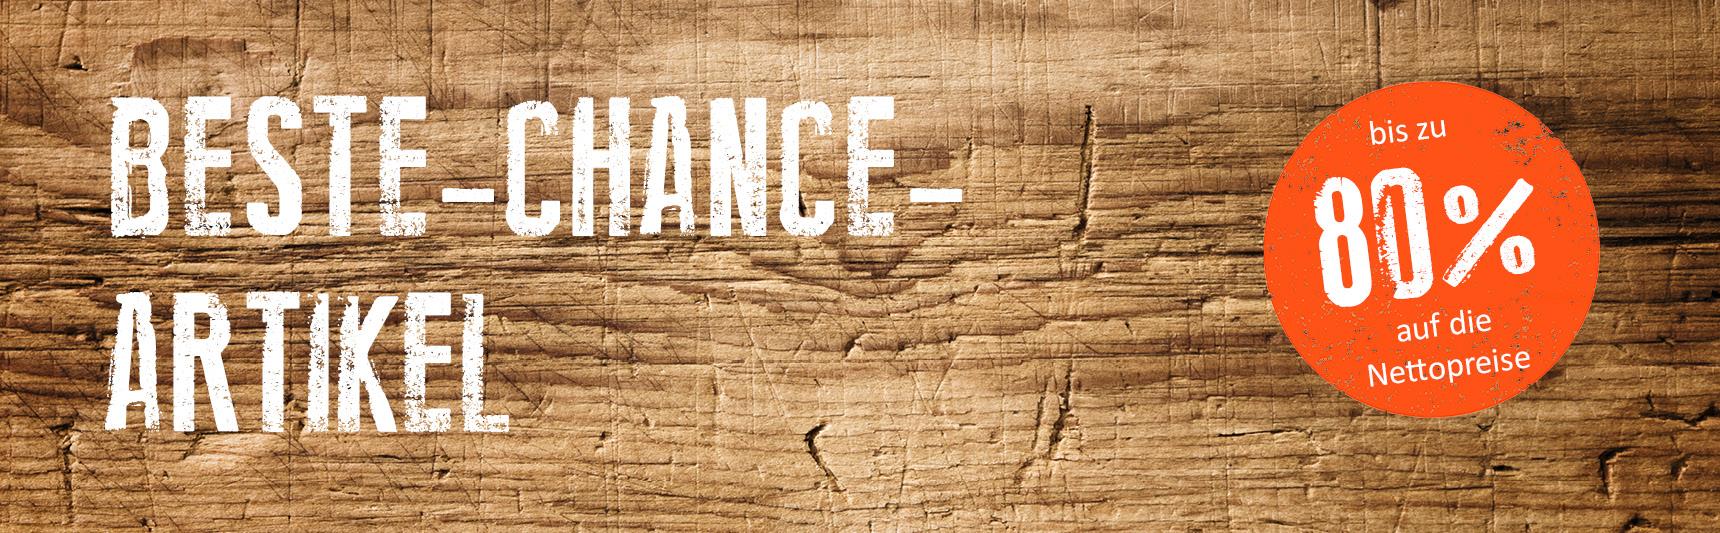 Beste-Chance-Artikel_Feb_2021